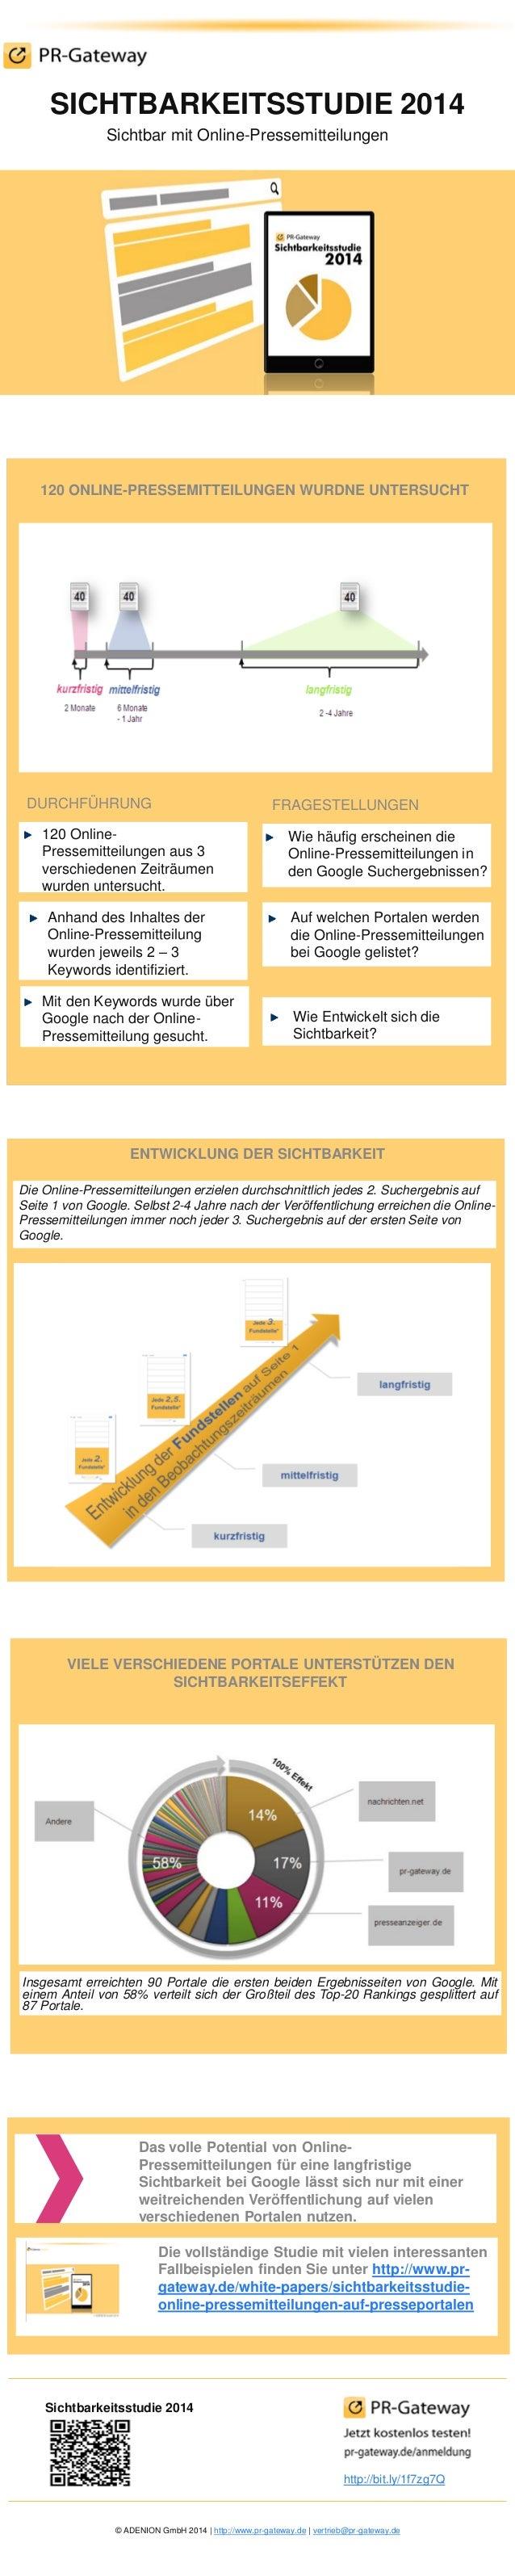 © ADENION GmbH 2014 | http://www.pr-gateway.de | vertrieb@pr-gateway.de Sichtbarkeitsstudie 2014 http://bit.ly/1f7zg7Q SIC...